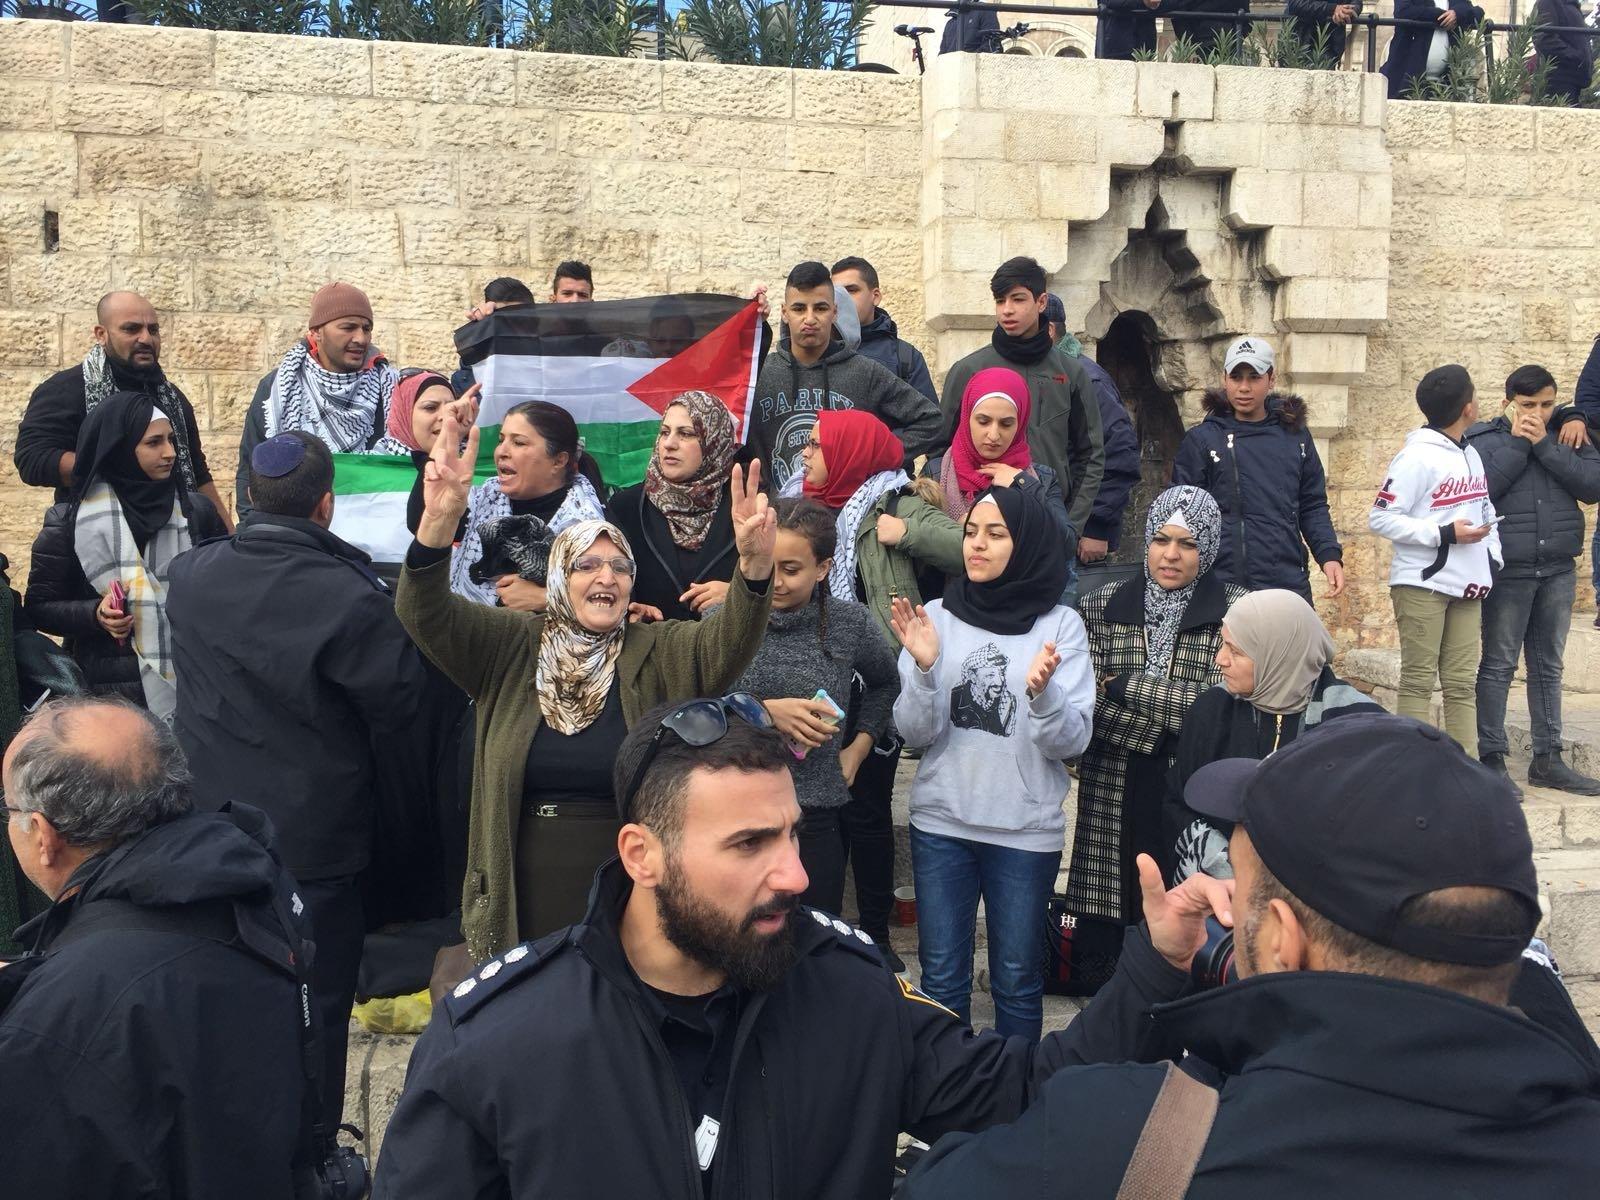 القدس: احتجاجات في باب العامود في أعقاب قرار ترامب